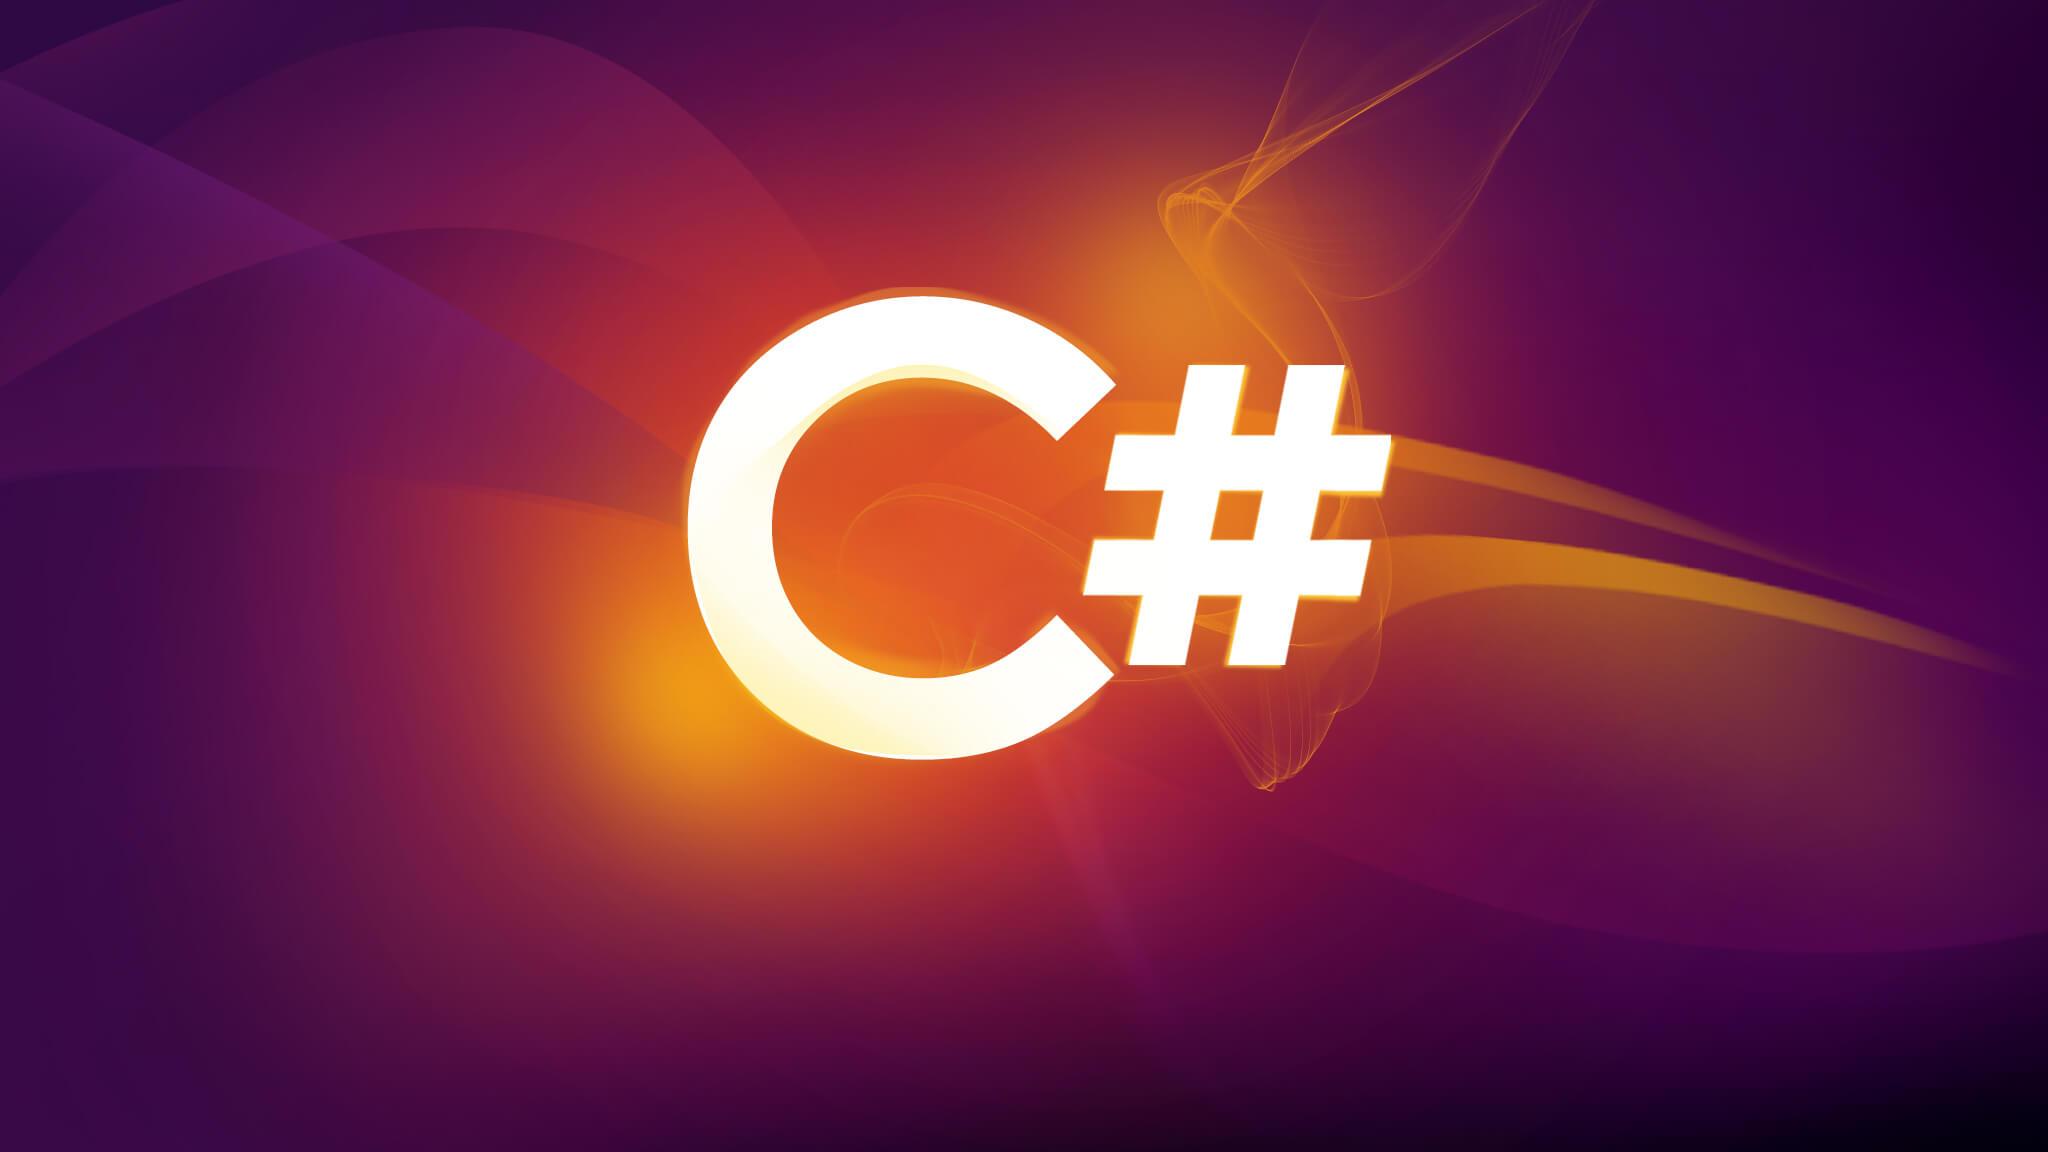 Ngôn ngữ C# hỗ trợ cho lập trình game hiệu quả